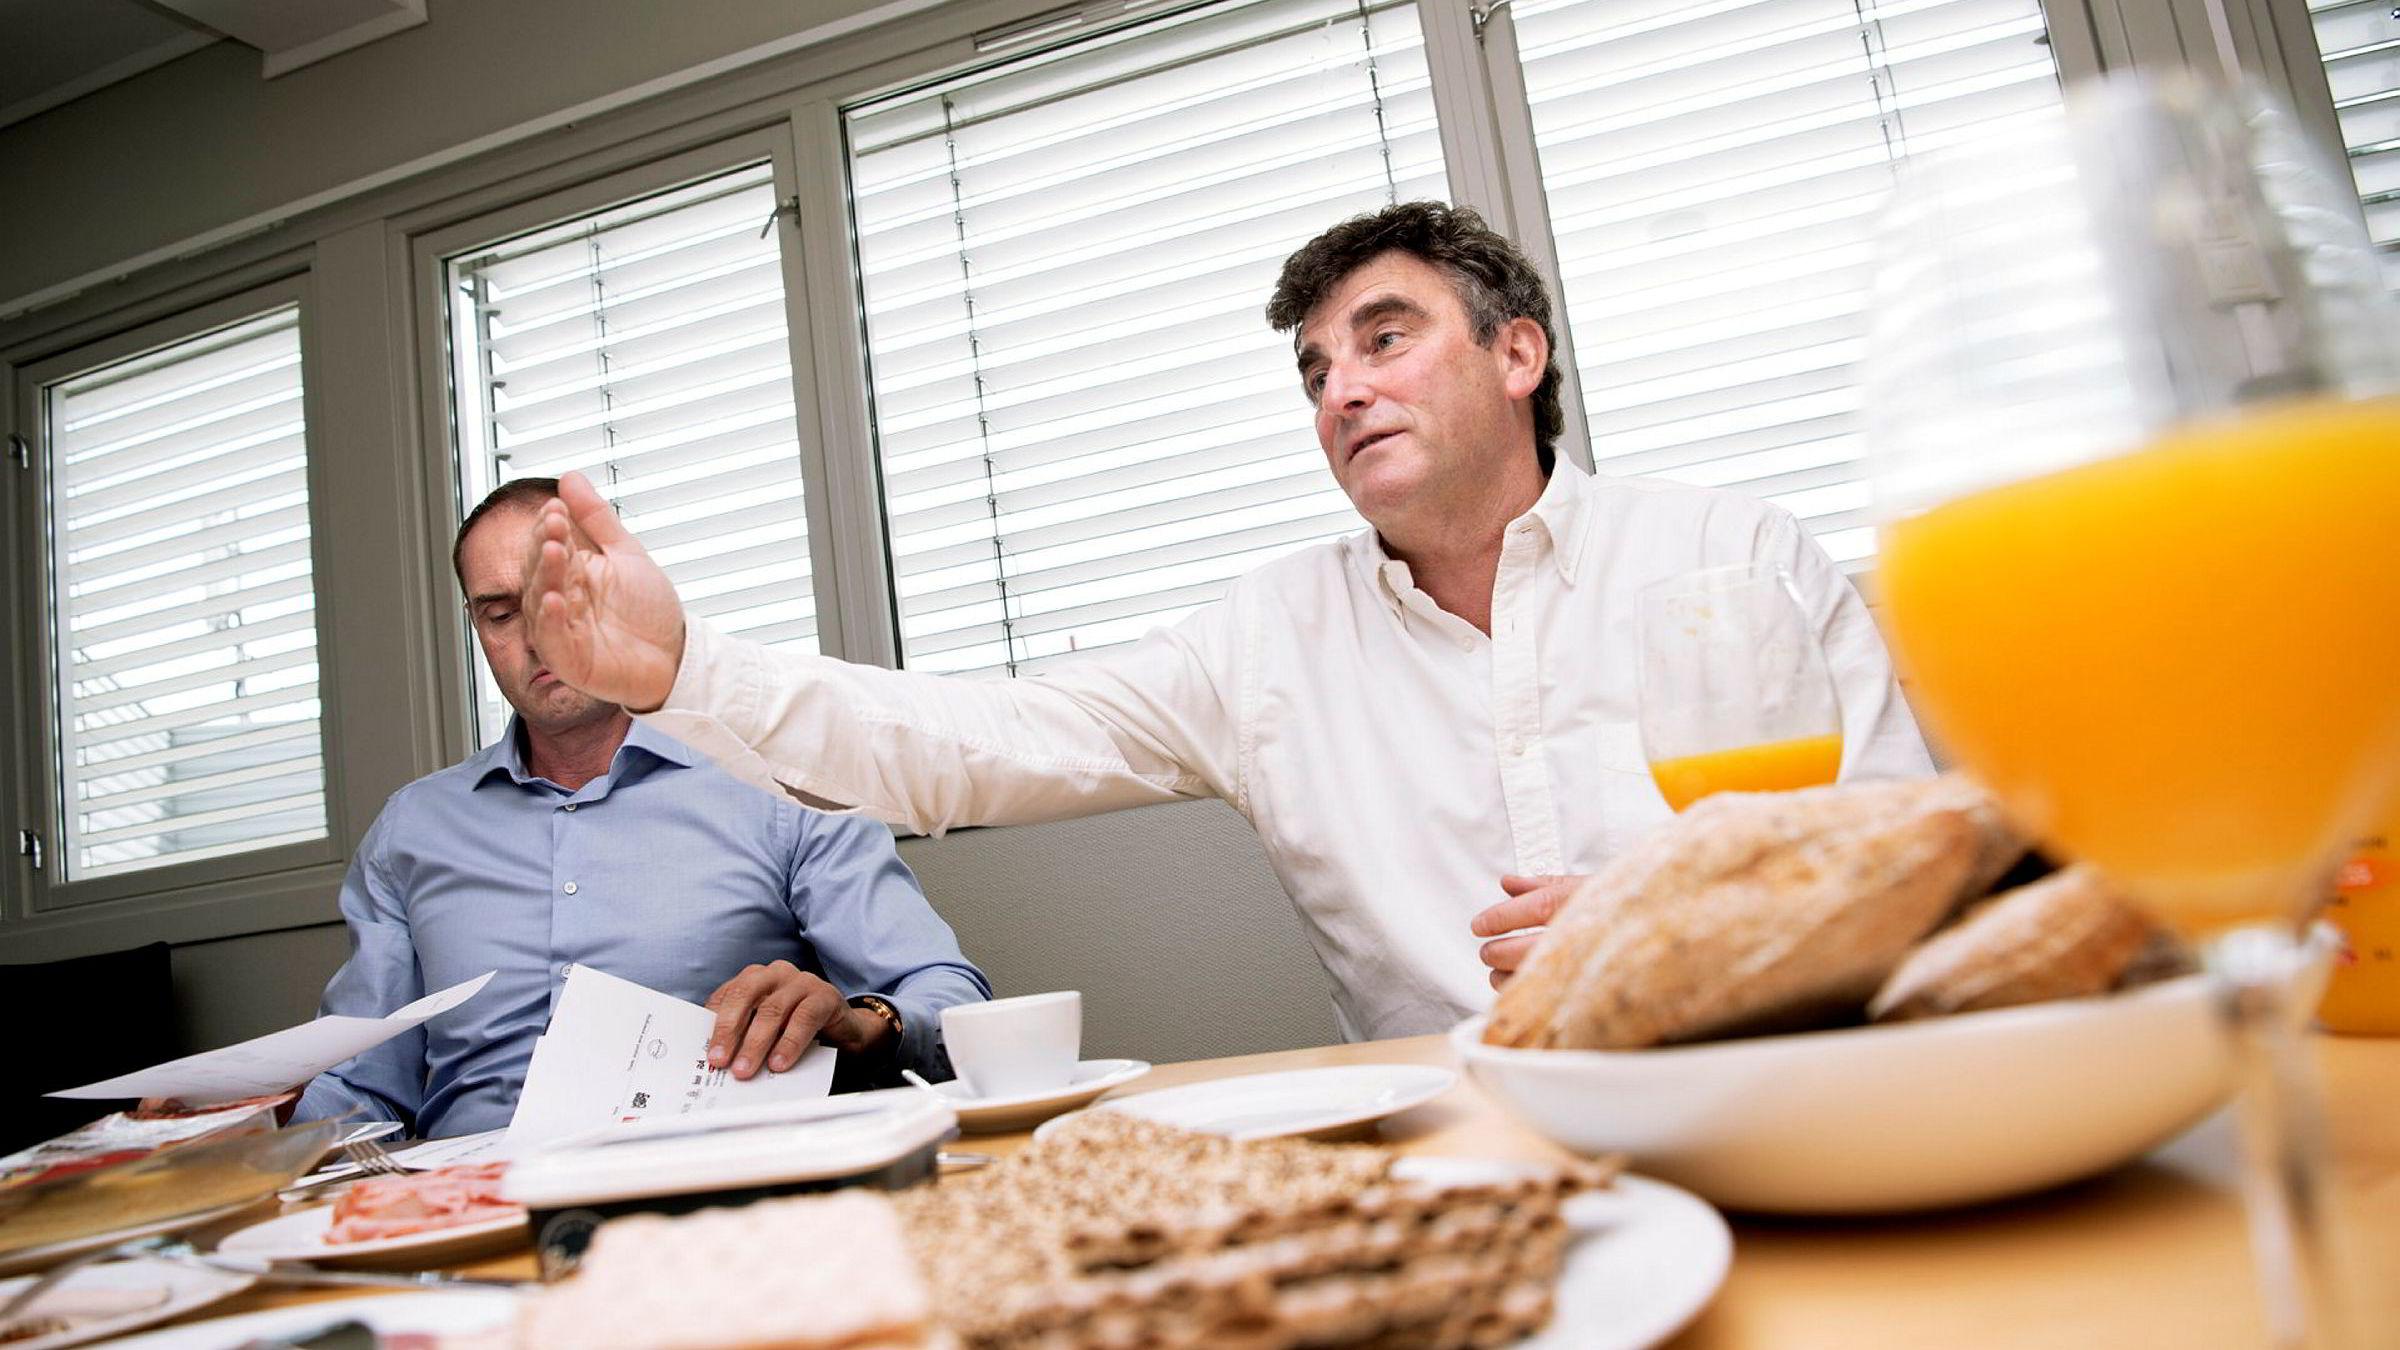 Gründerne Stig Sunde og Jan Bodd dekker et helt frokostbord med produkter som nå hører inn under Scandza-paraplyen etter oppkjøpsbølgen de siste årene.